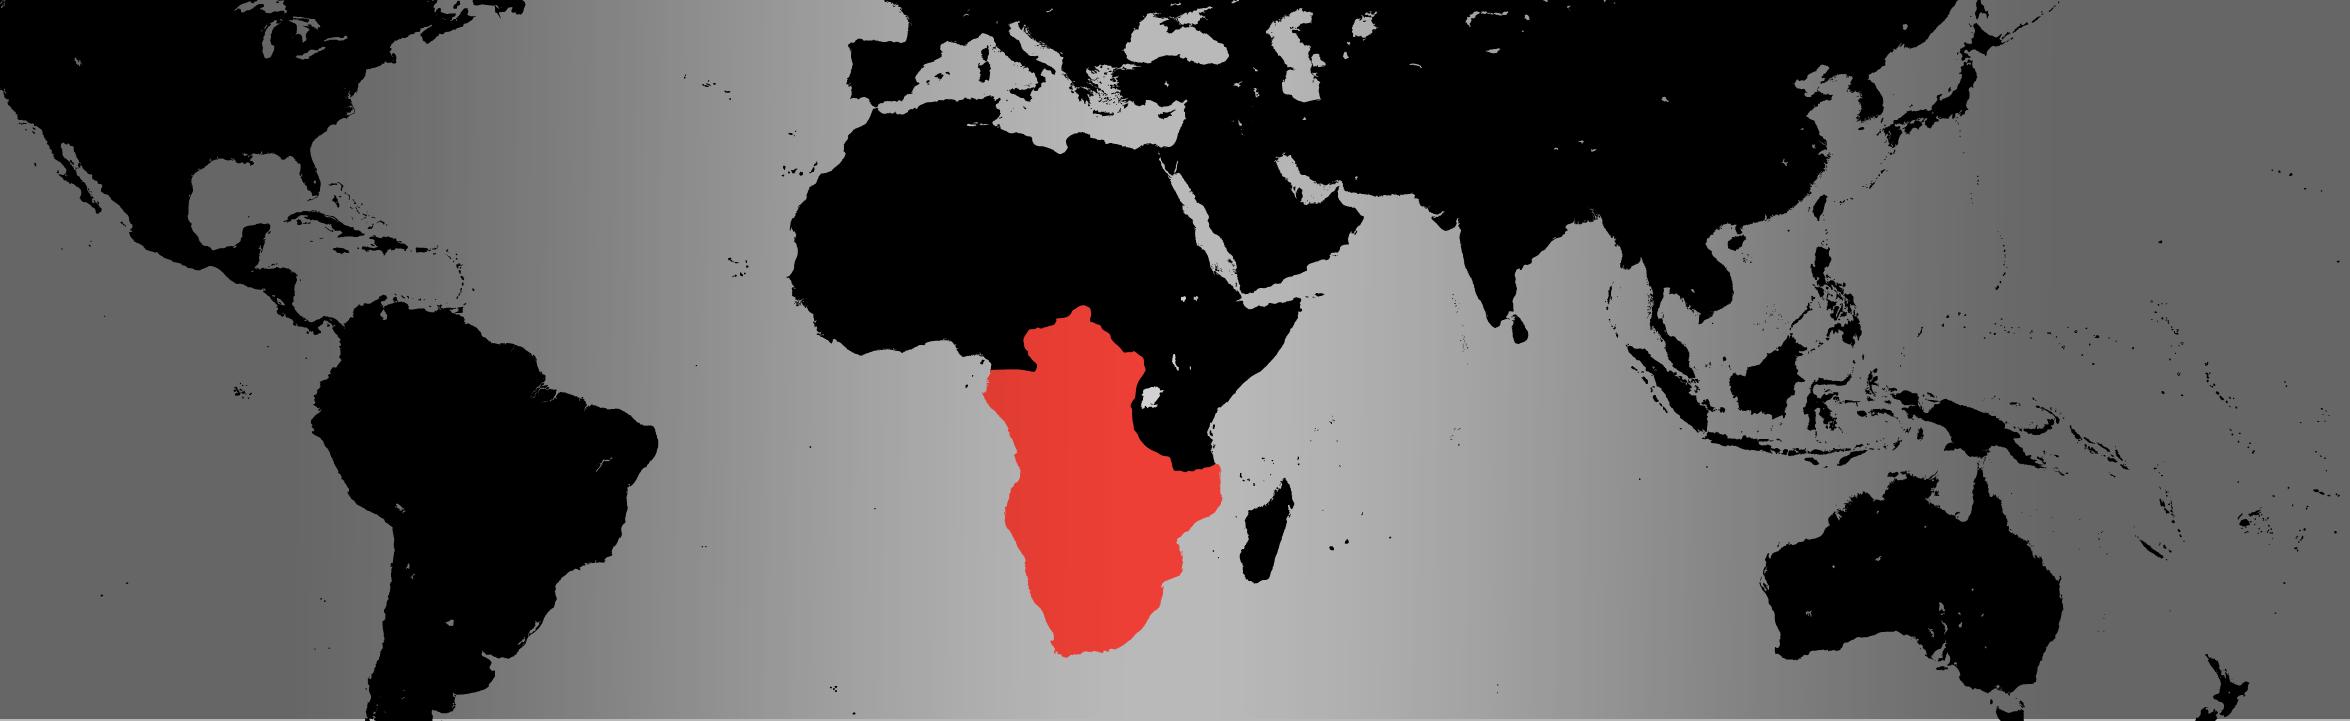 cape porcupine map